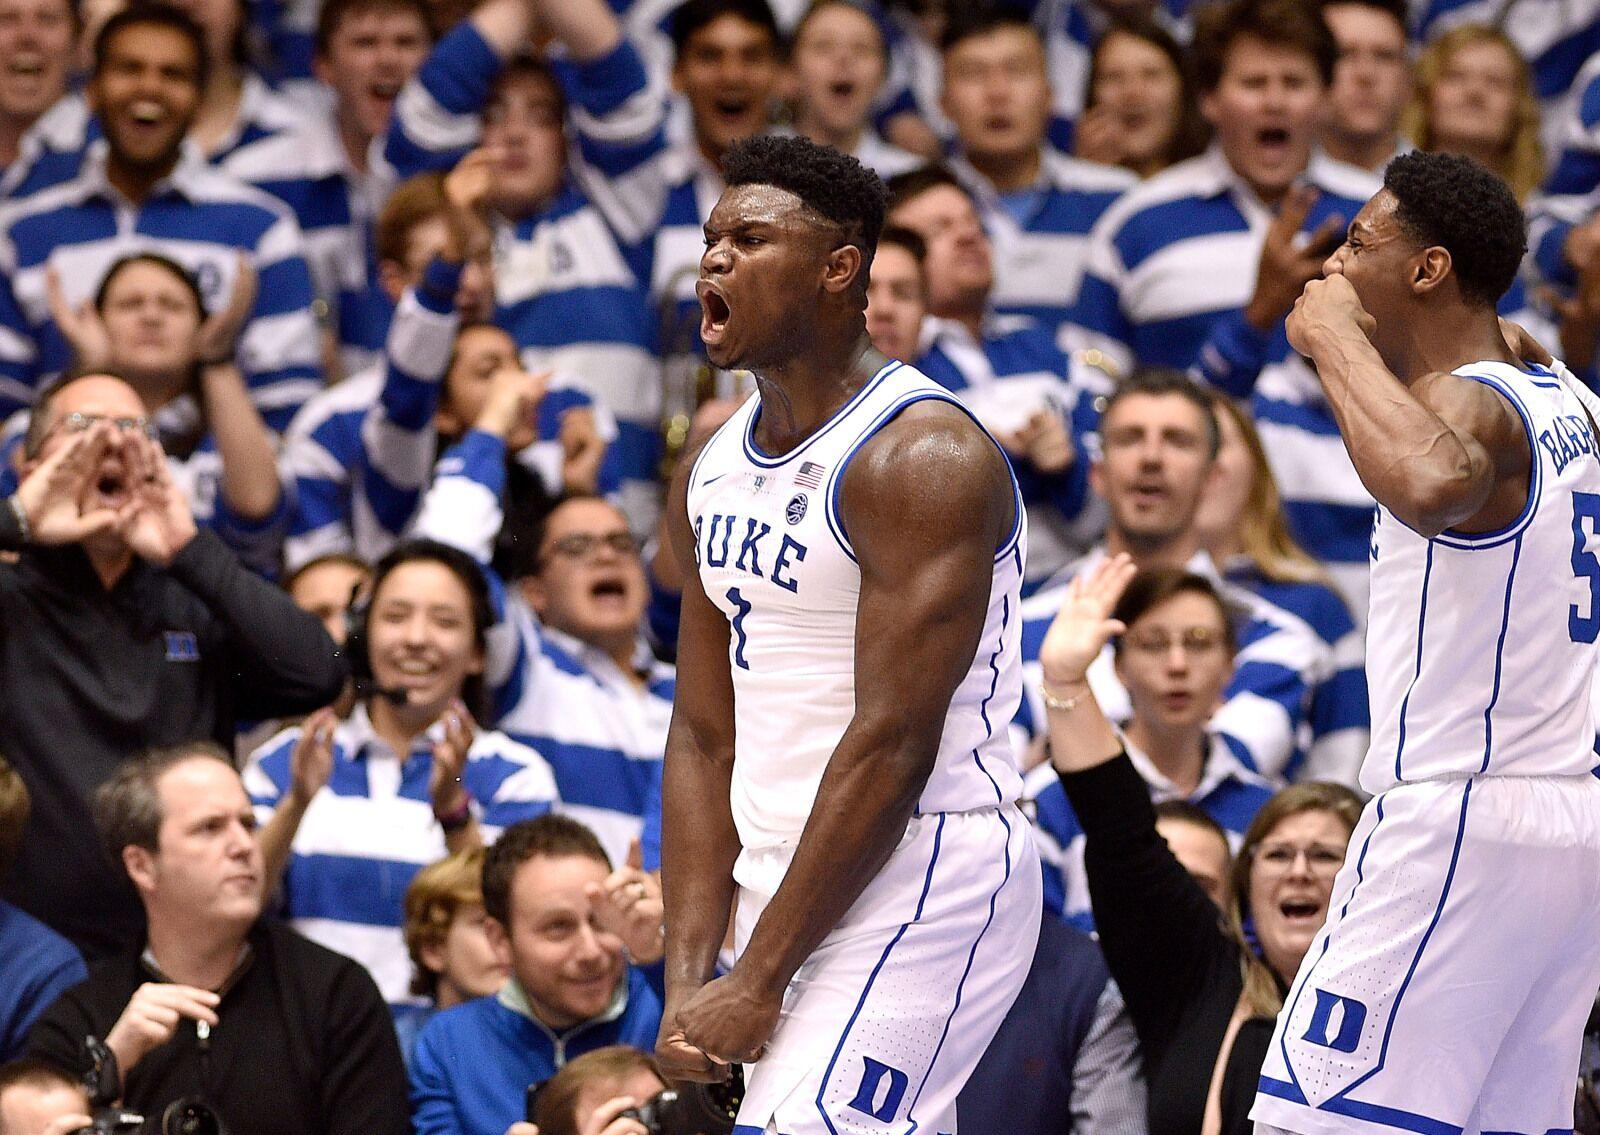 Duke Basketball Blue Devils Hosting Virginia In Clash Of Top 5 Teams